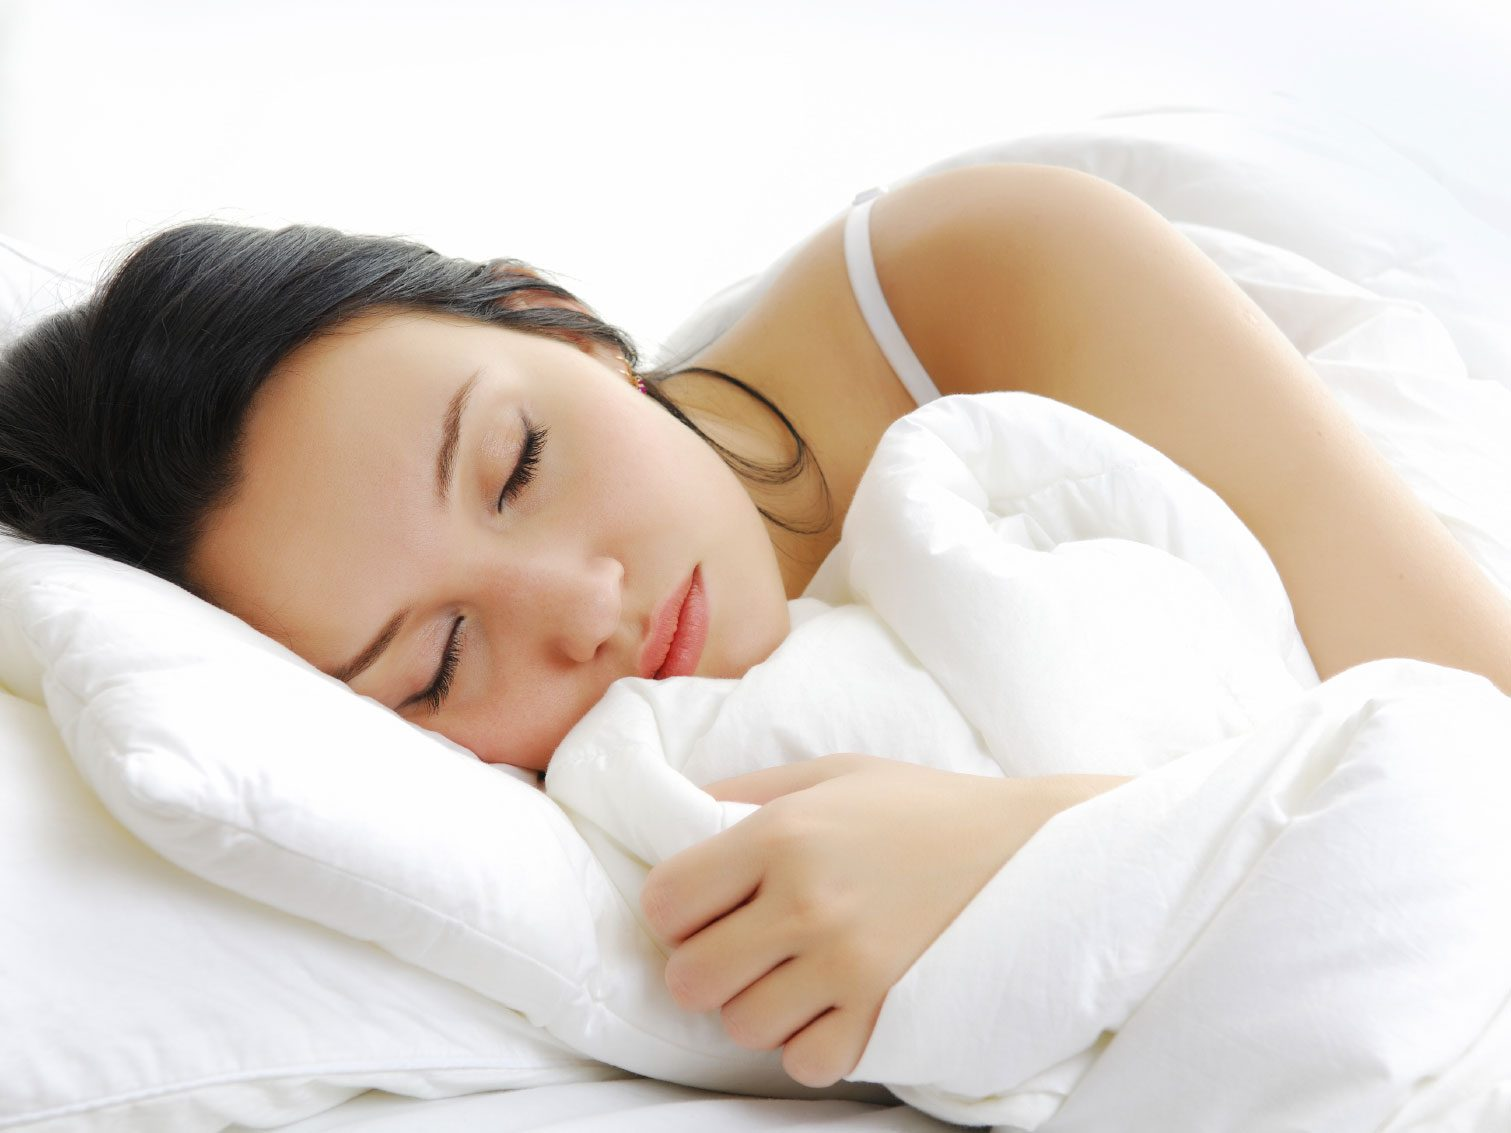 Dormir sur le côté